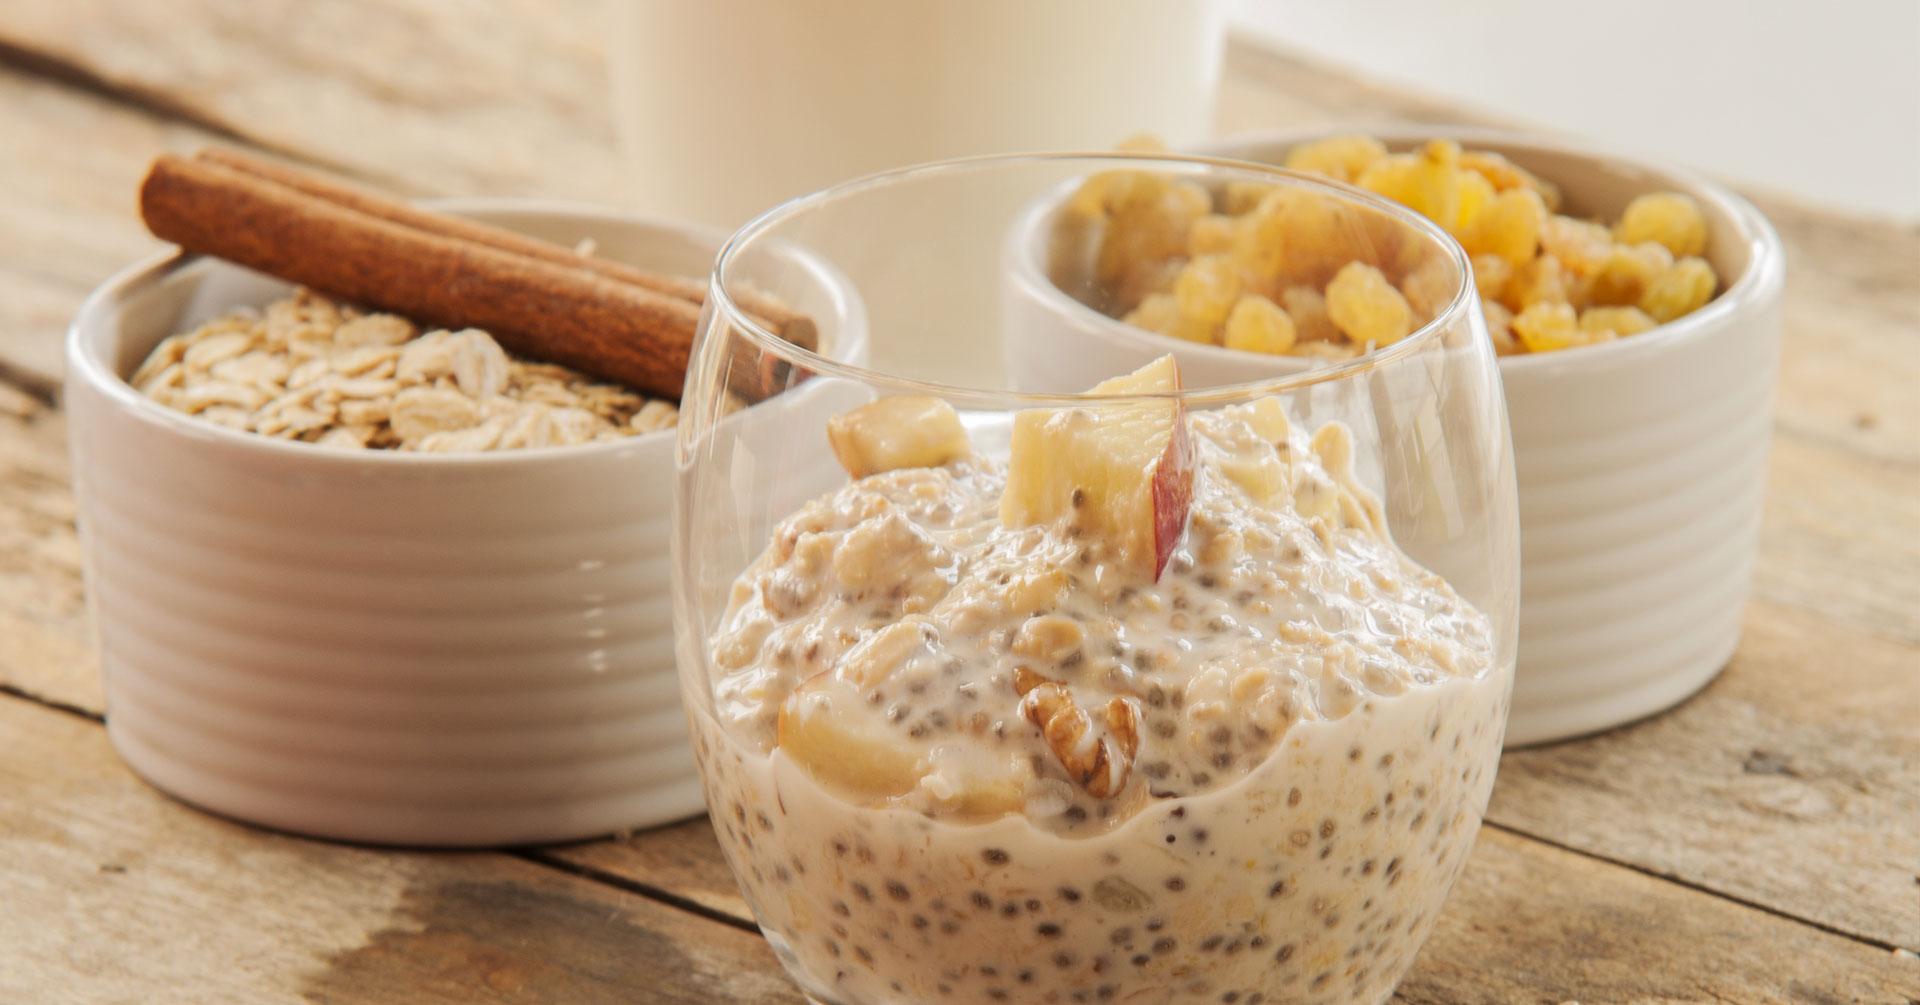 Prepara un rico desayuno con avena y chía